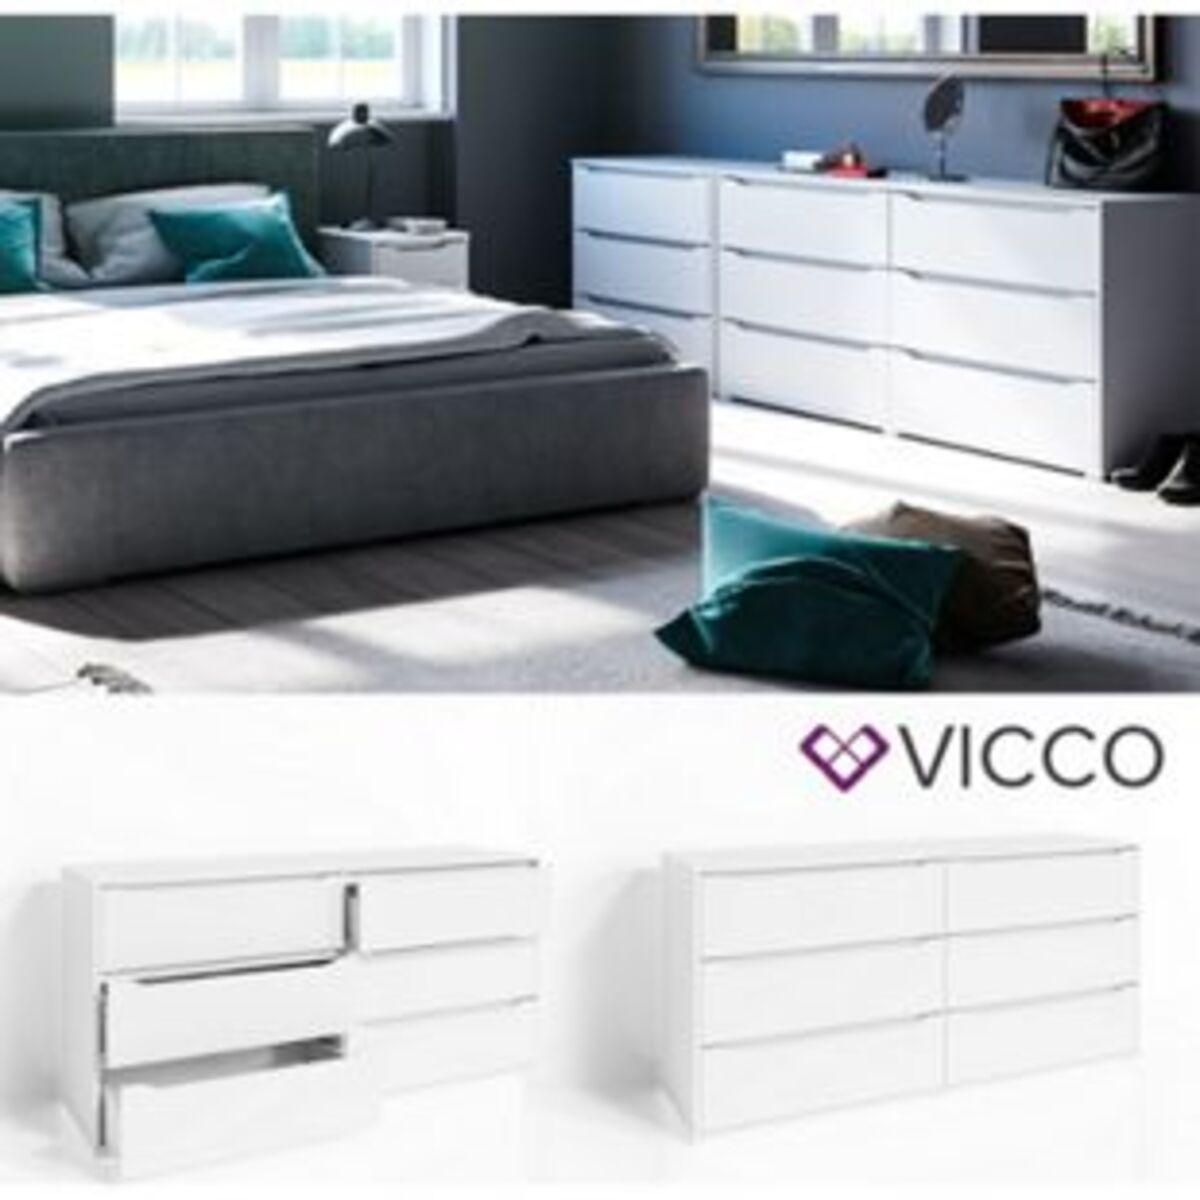 Bild 2 von VICCO Kommode RUBEN Weiß 6 Schubladen 160 cm Sideboard Mehrzweckschrank Schrank